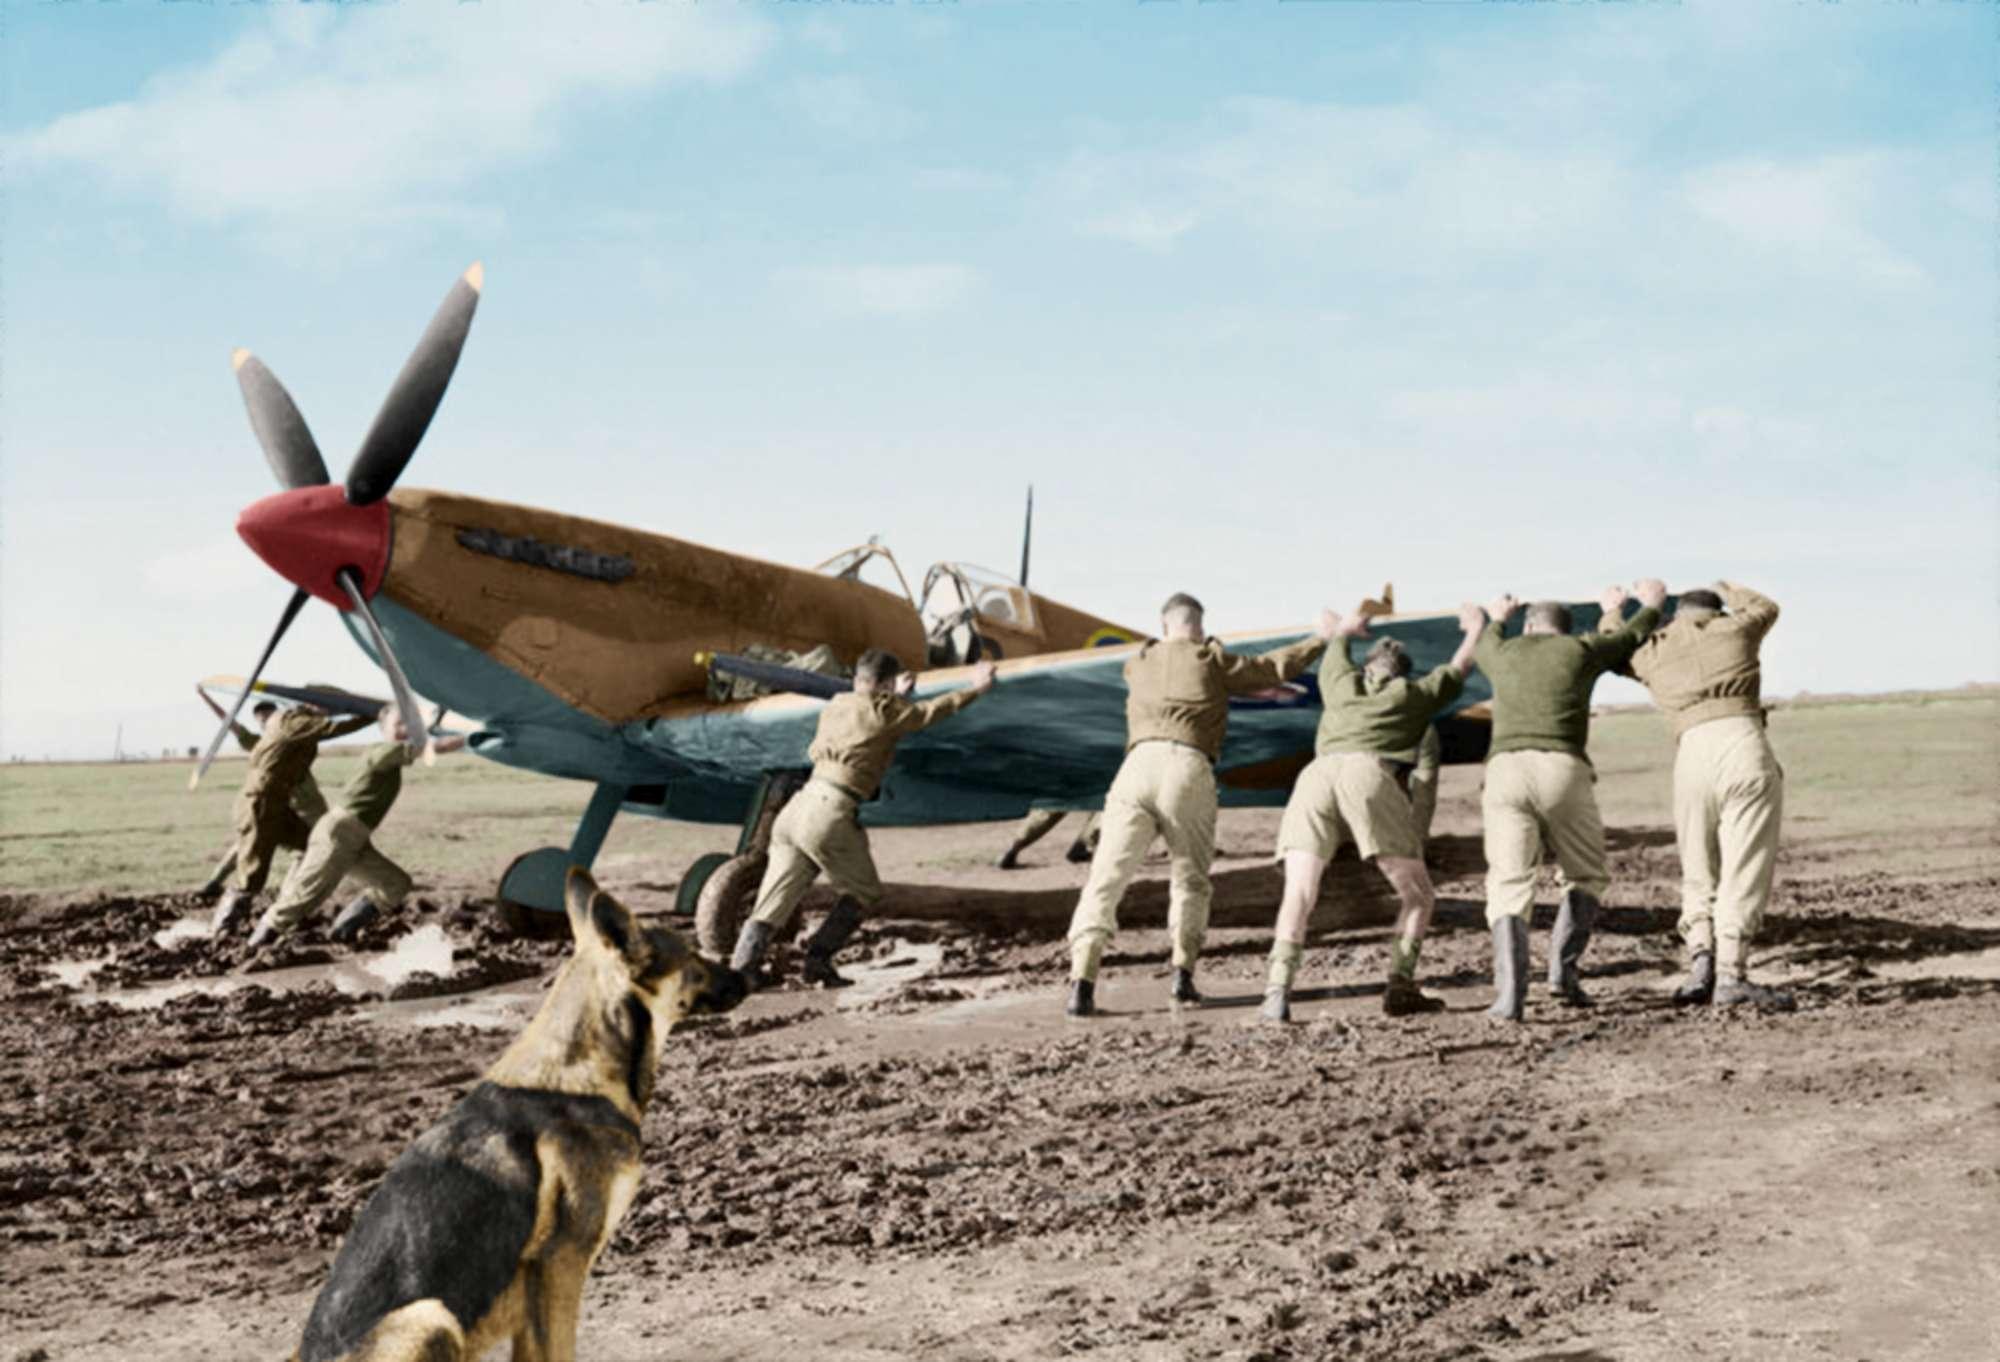 Le foto a colori degli aerei pilotati durante la Seconda guerra mondiale